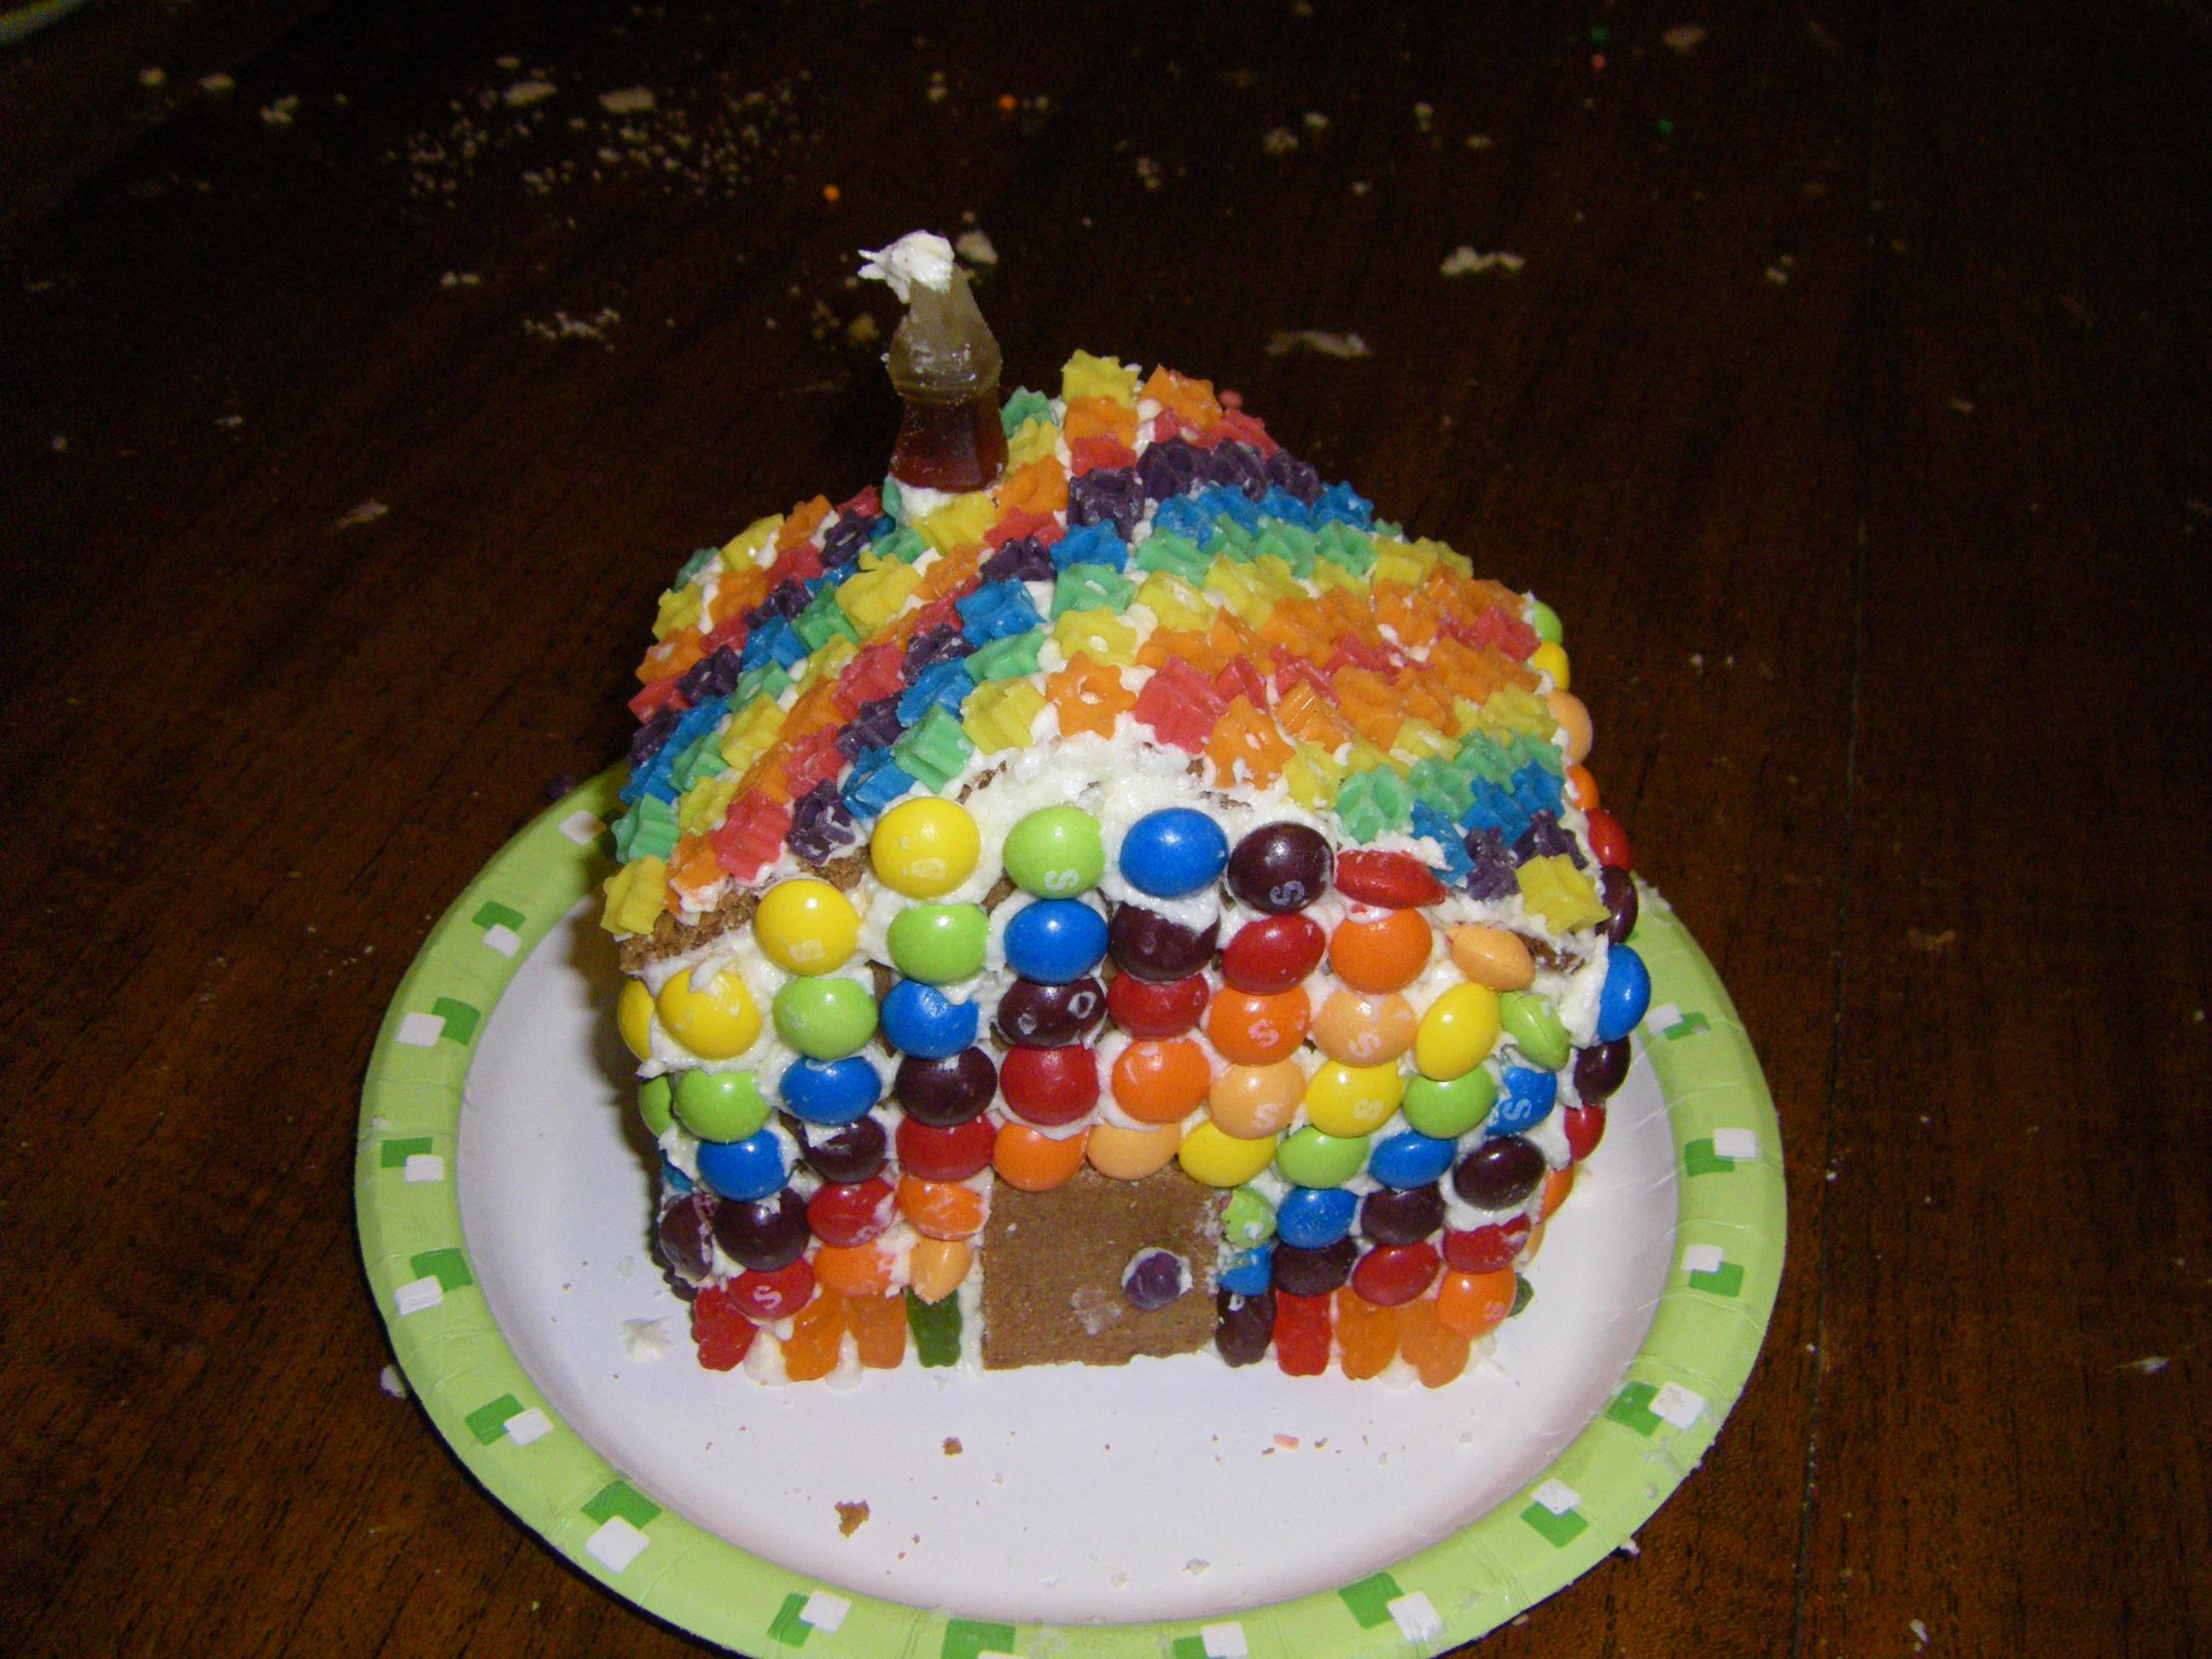 Candy Wikipedia